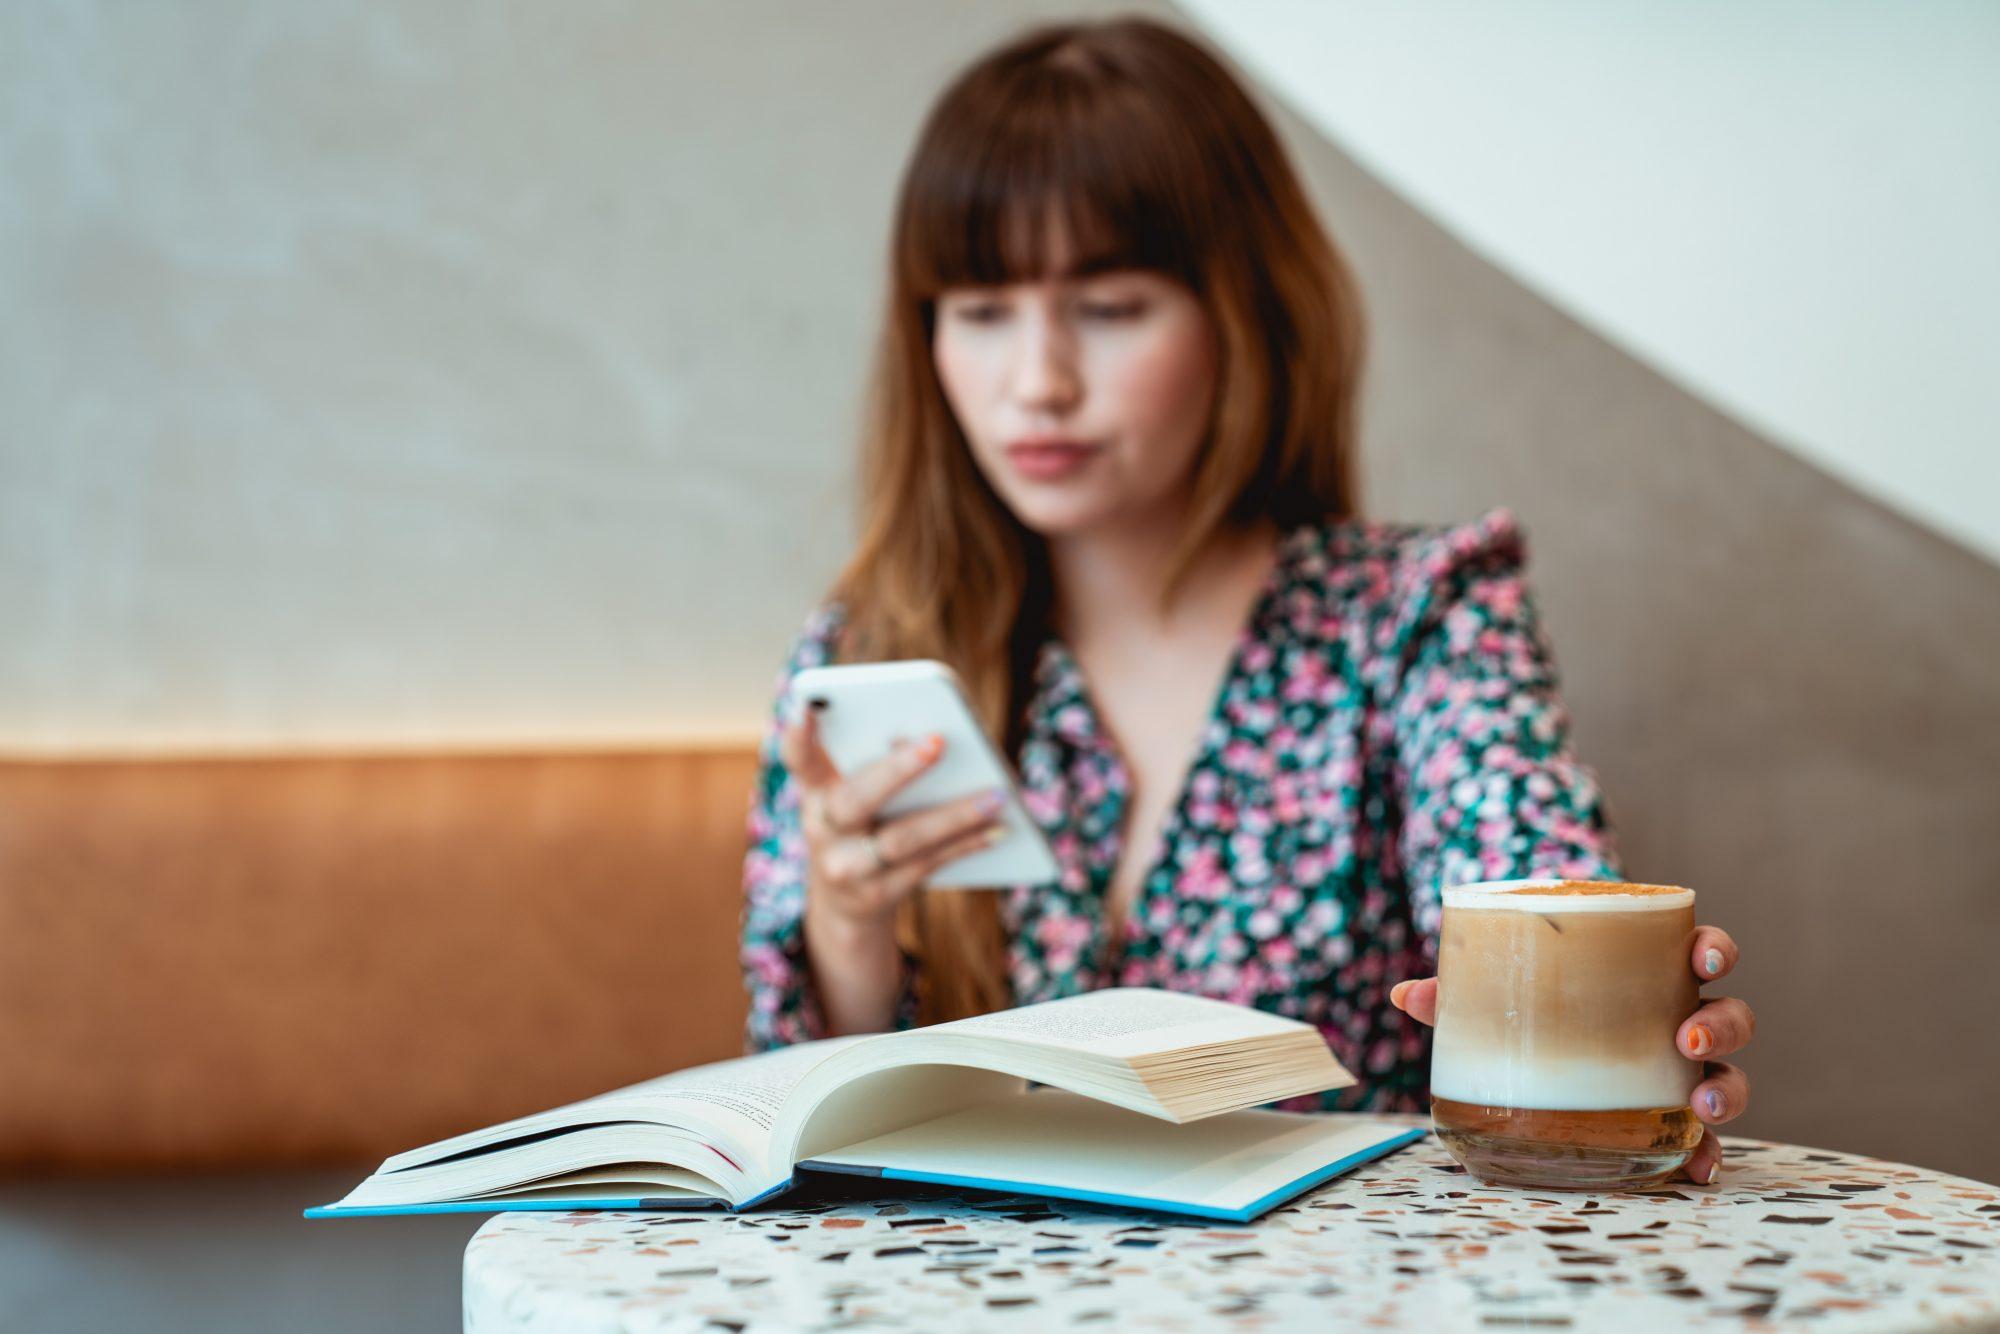 Τώρα ο τέλειος freddo espresso είναι αυτός που φτιάχνεις μόνη σου στο σπίτι. Βρήκαμε τον τρόπο!